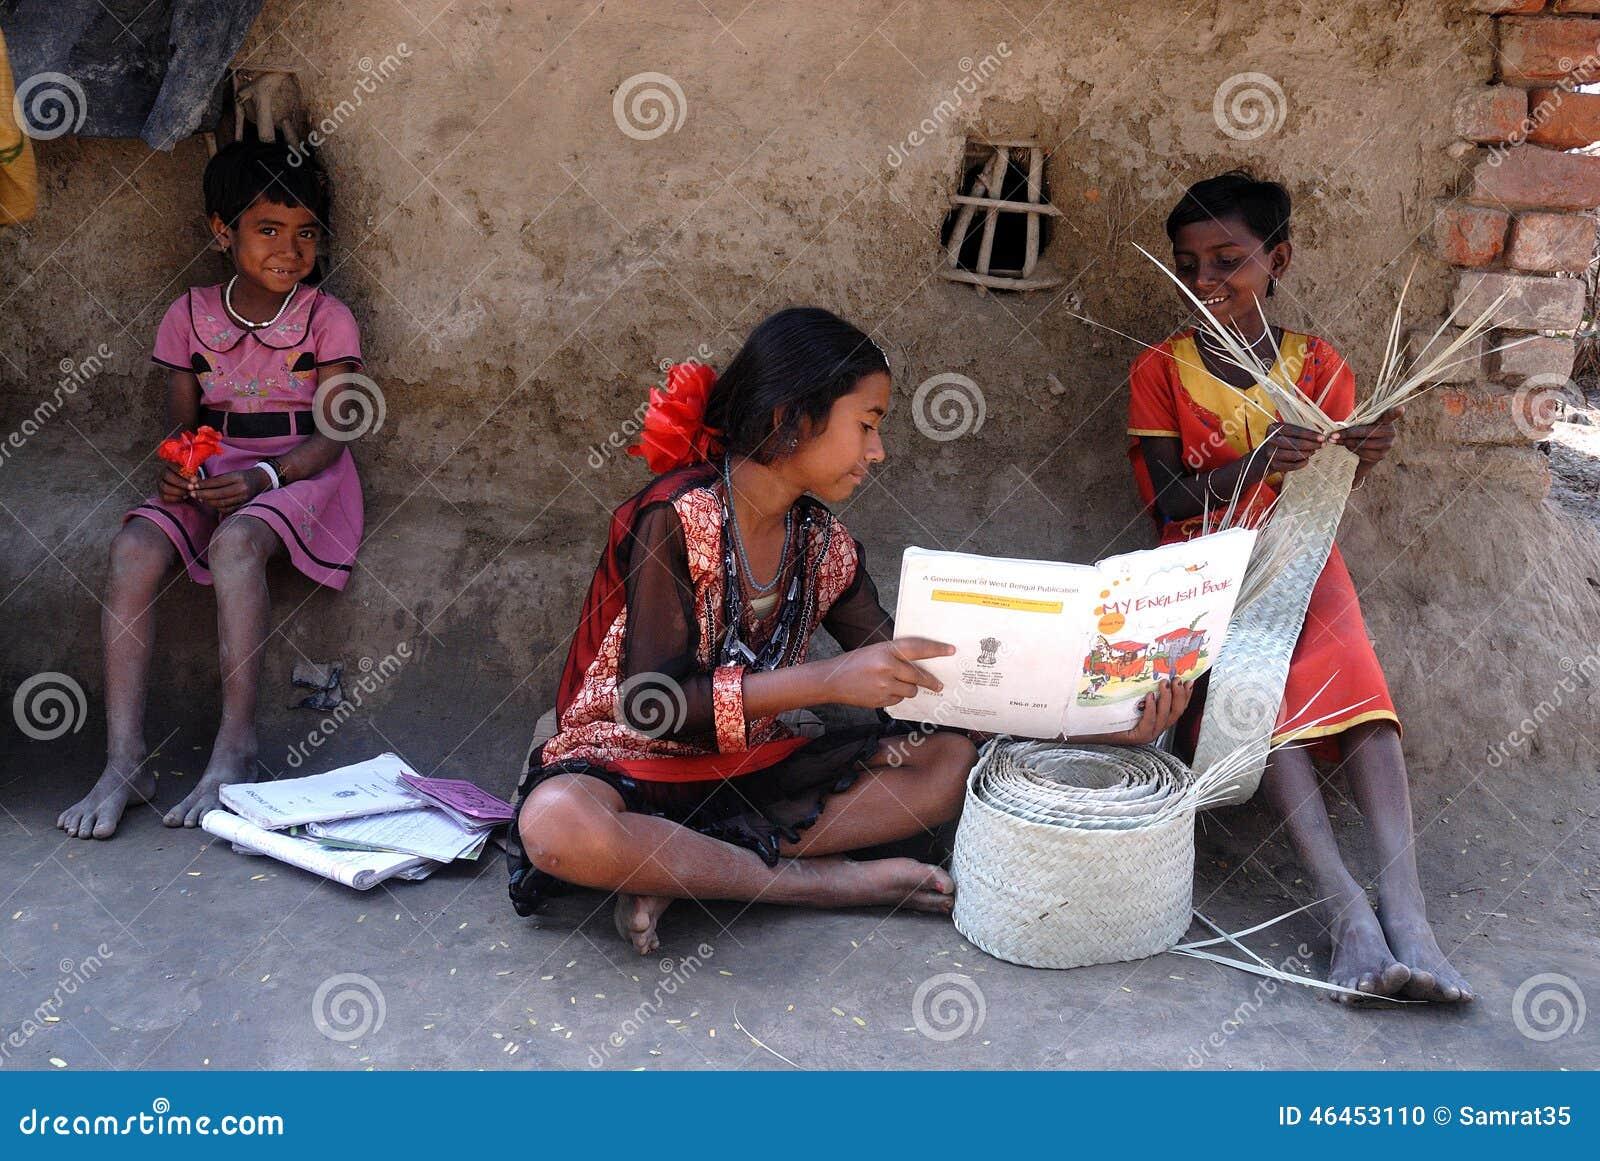 Фото с сельских девушек фото 151-737